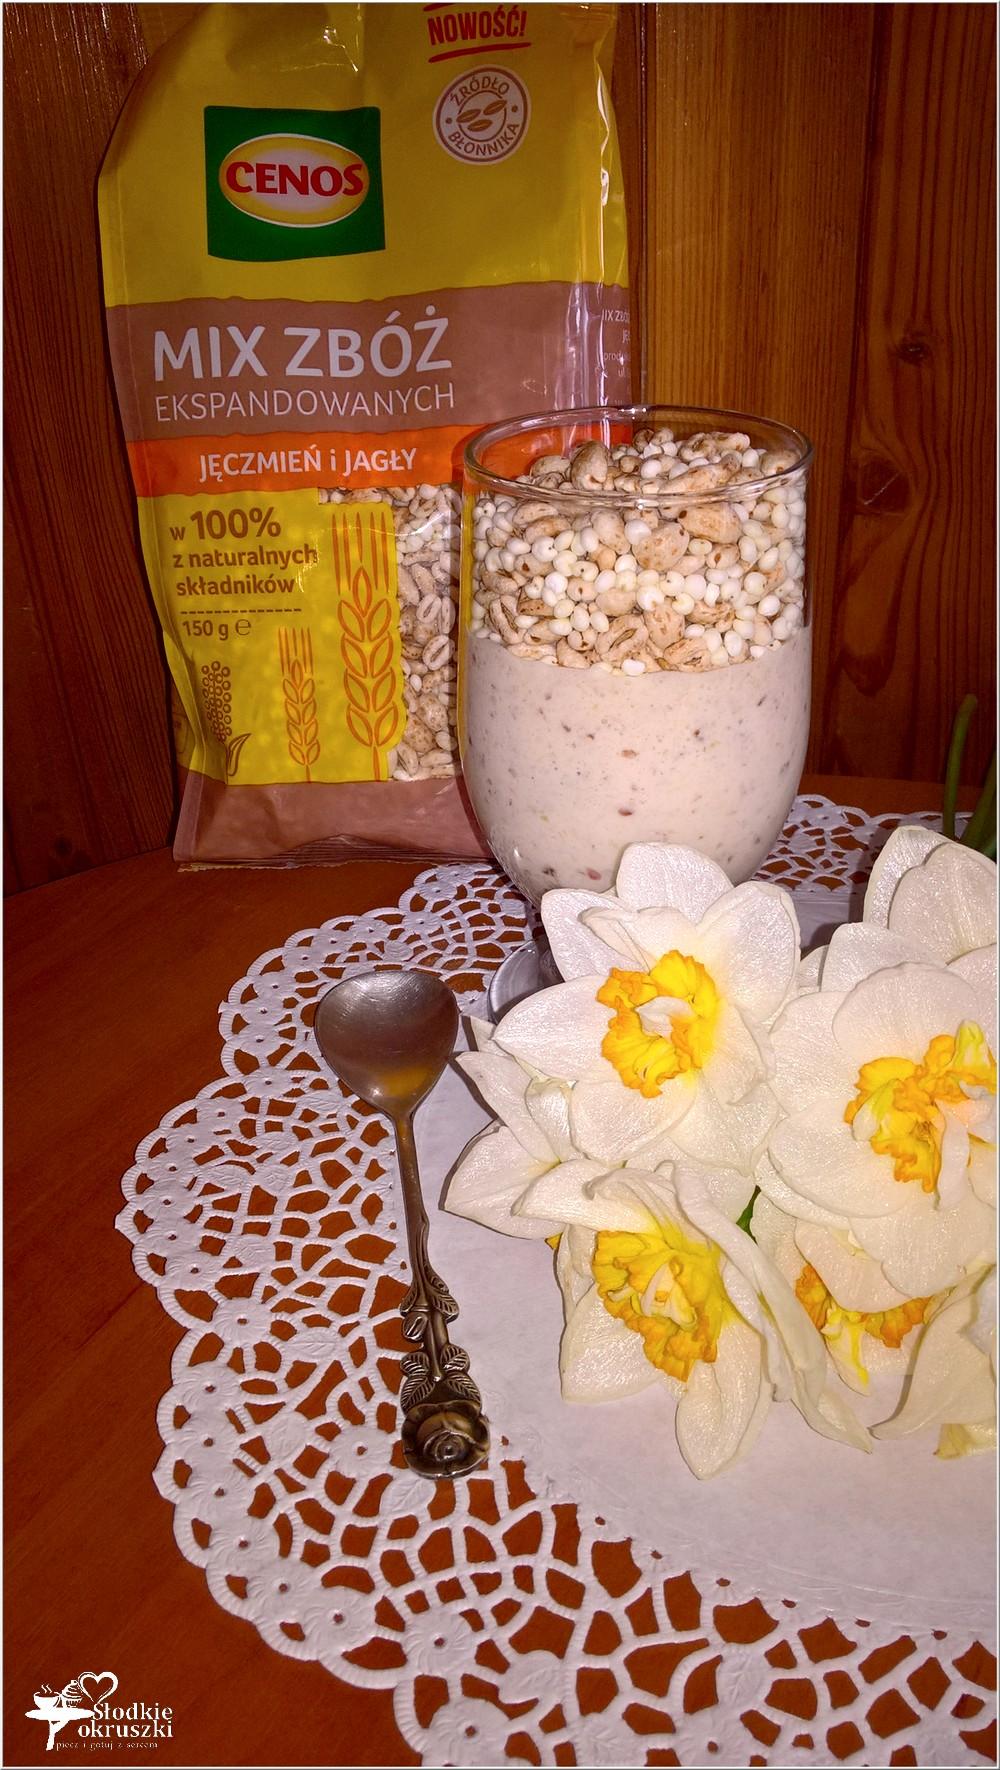 Domowy owocowo-daktylowy jogurt z ekspandowanymi zbożami (2)